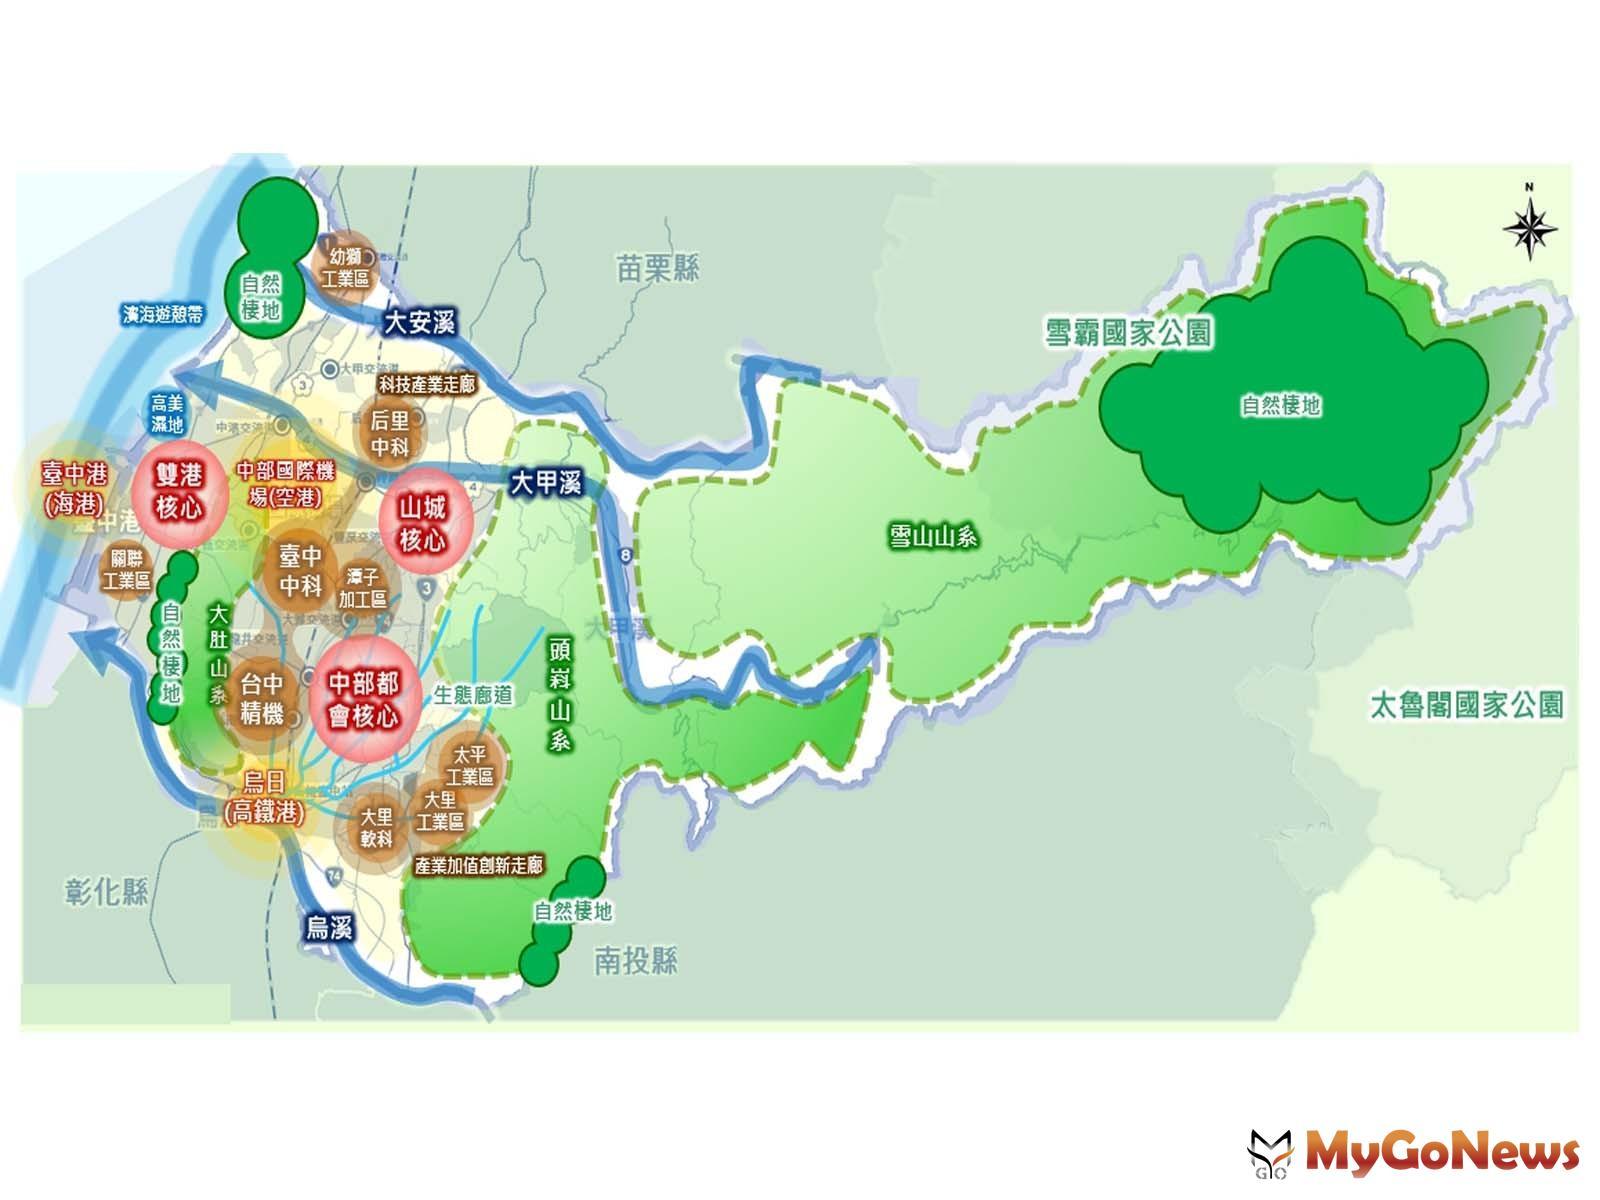 ▲台中市國土計畫審議通過,2021年4月30日前實施(圖:台中市政府)